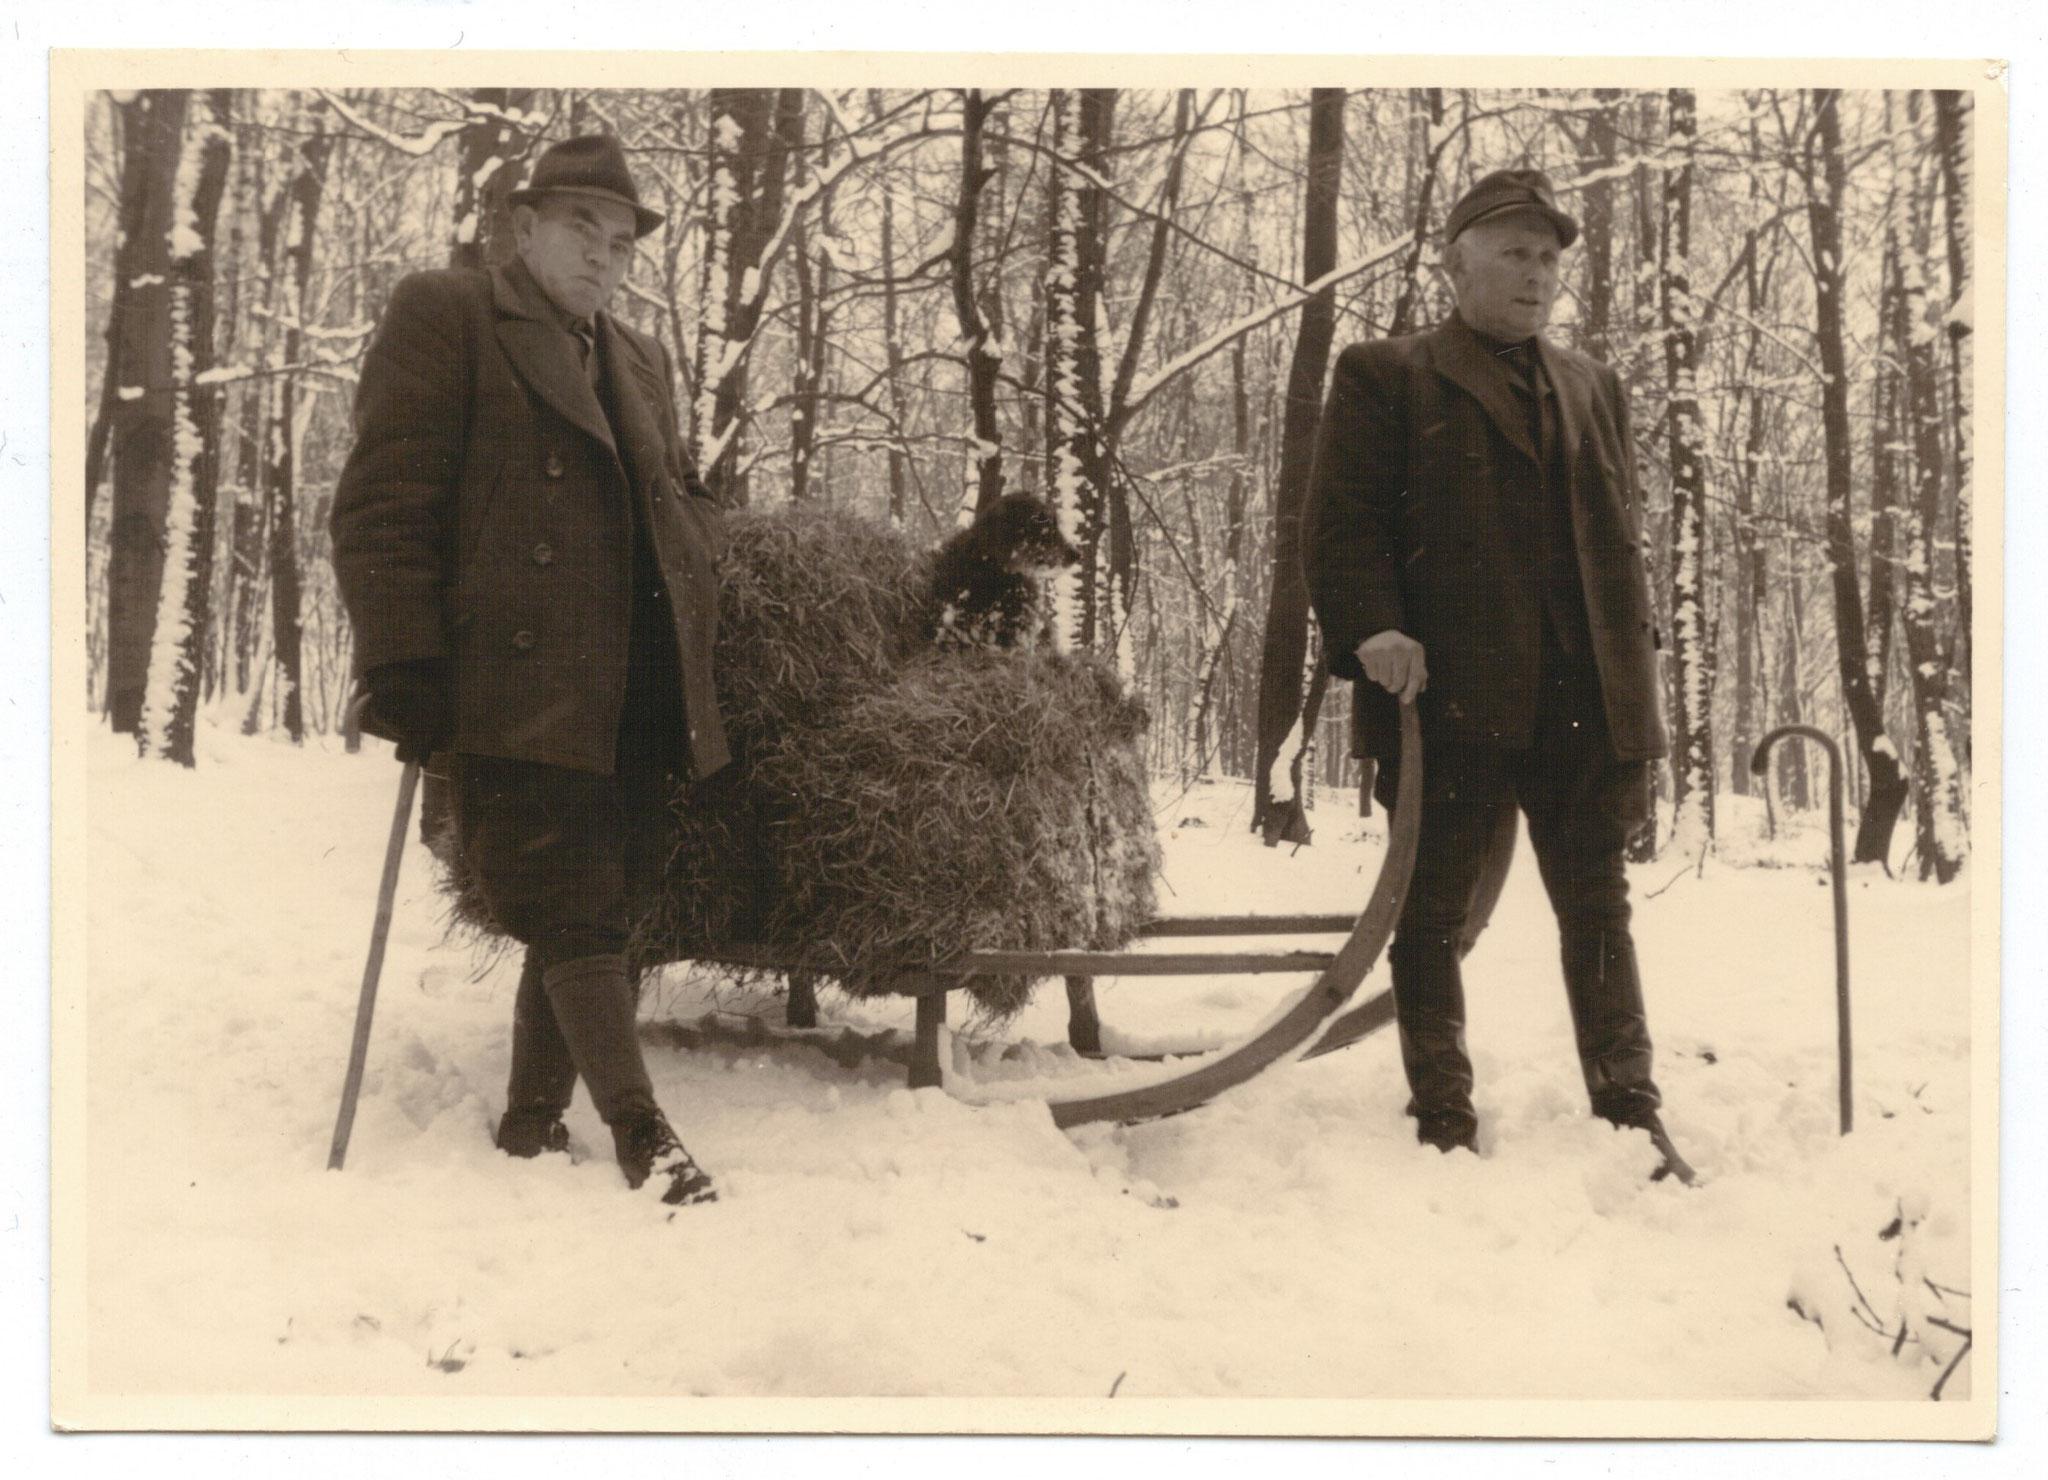 Wildfütterung durch den Revierförster in den 50er Jahren